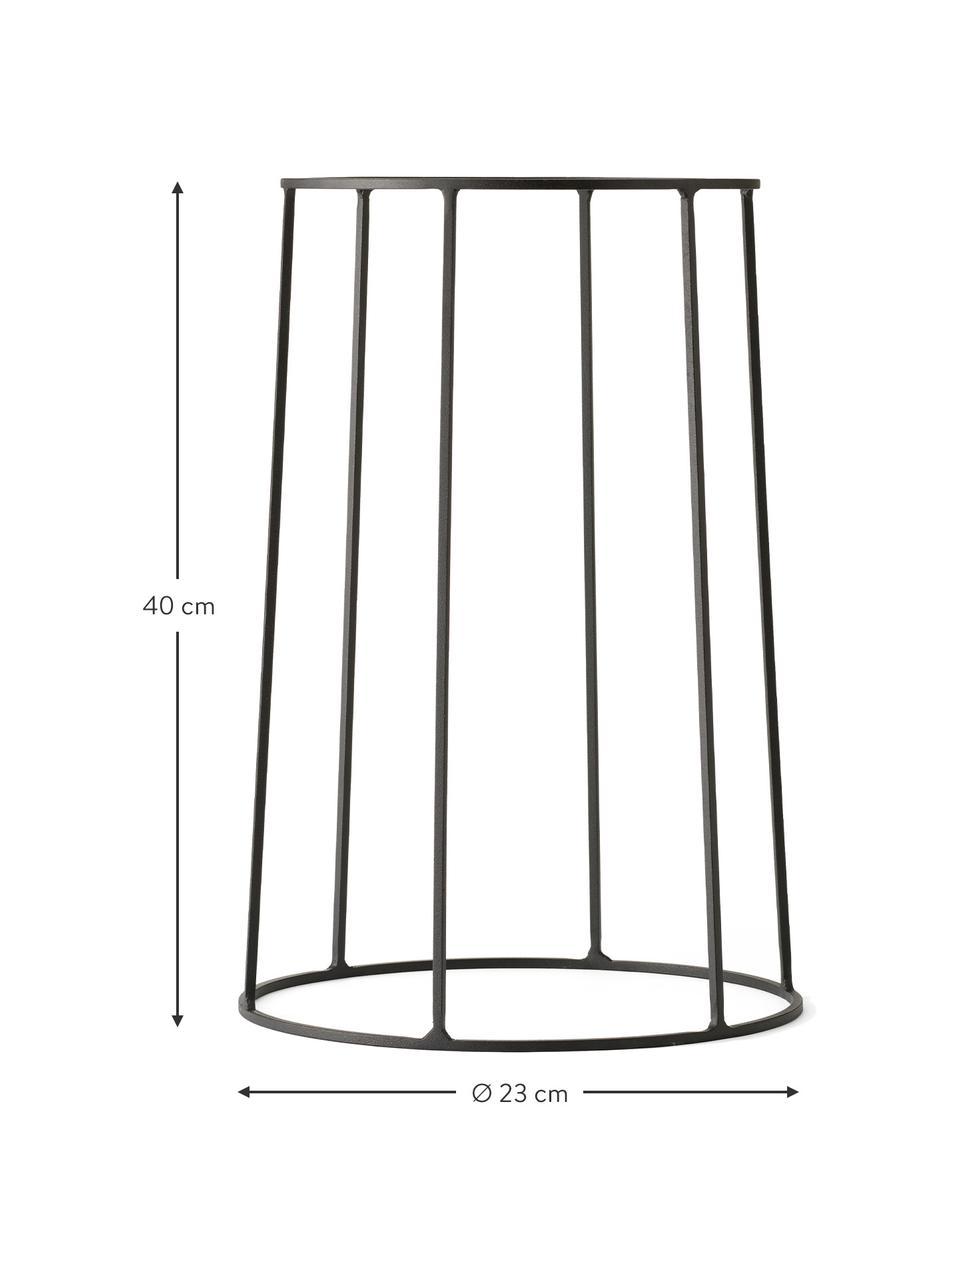 Großer Pflanztopfständer Wire Base aus Stahl, Stahl, pulverbeschichtet, Schwarz, Ø 23 x H 40 cm